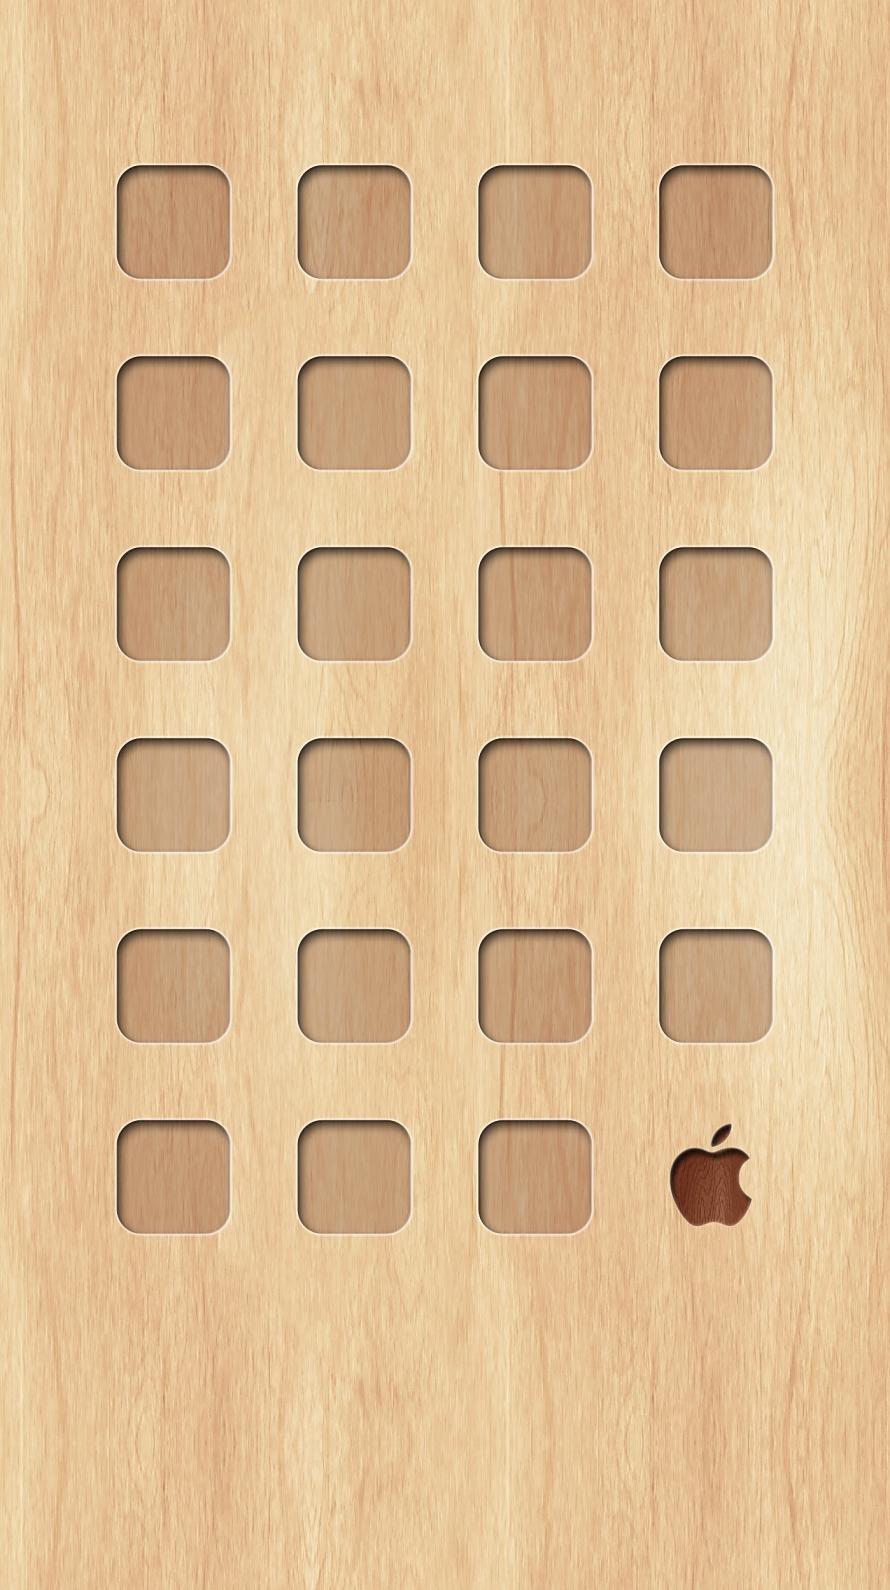 シンプルな木目 ミニマルなアップルロゴ Iphone6壁紙 Wallpaperbox